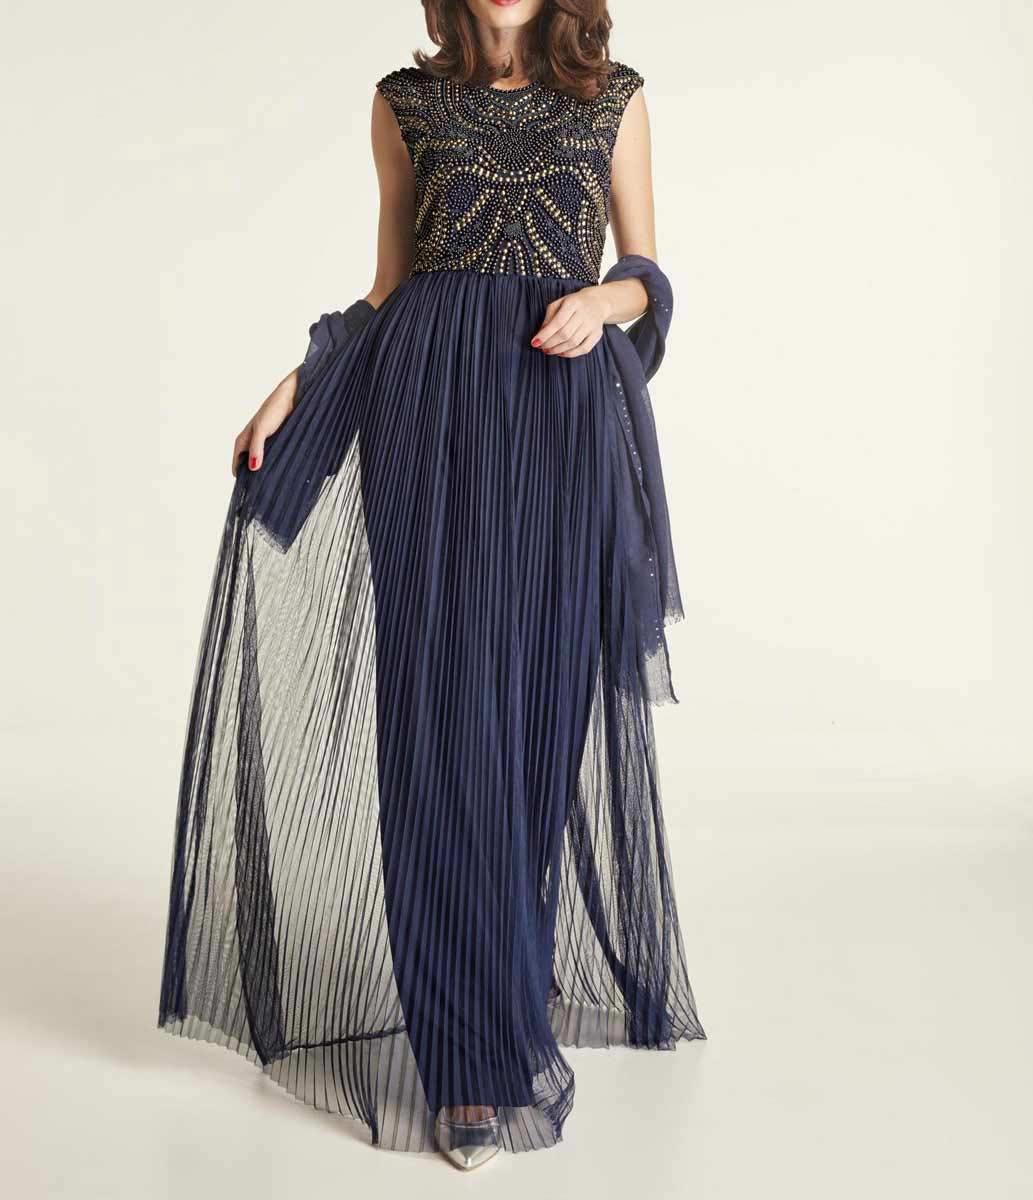 Ballkleider Restposten Abendkleider im Online-Shop vom Fashion